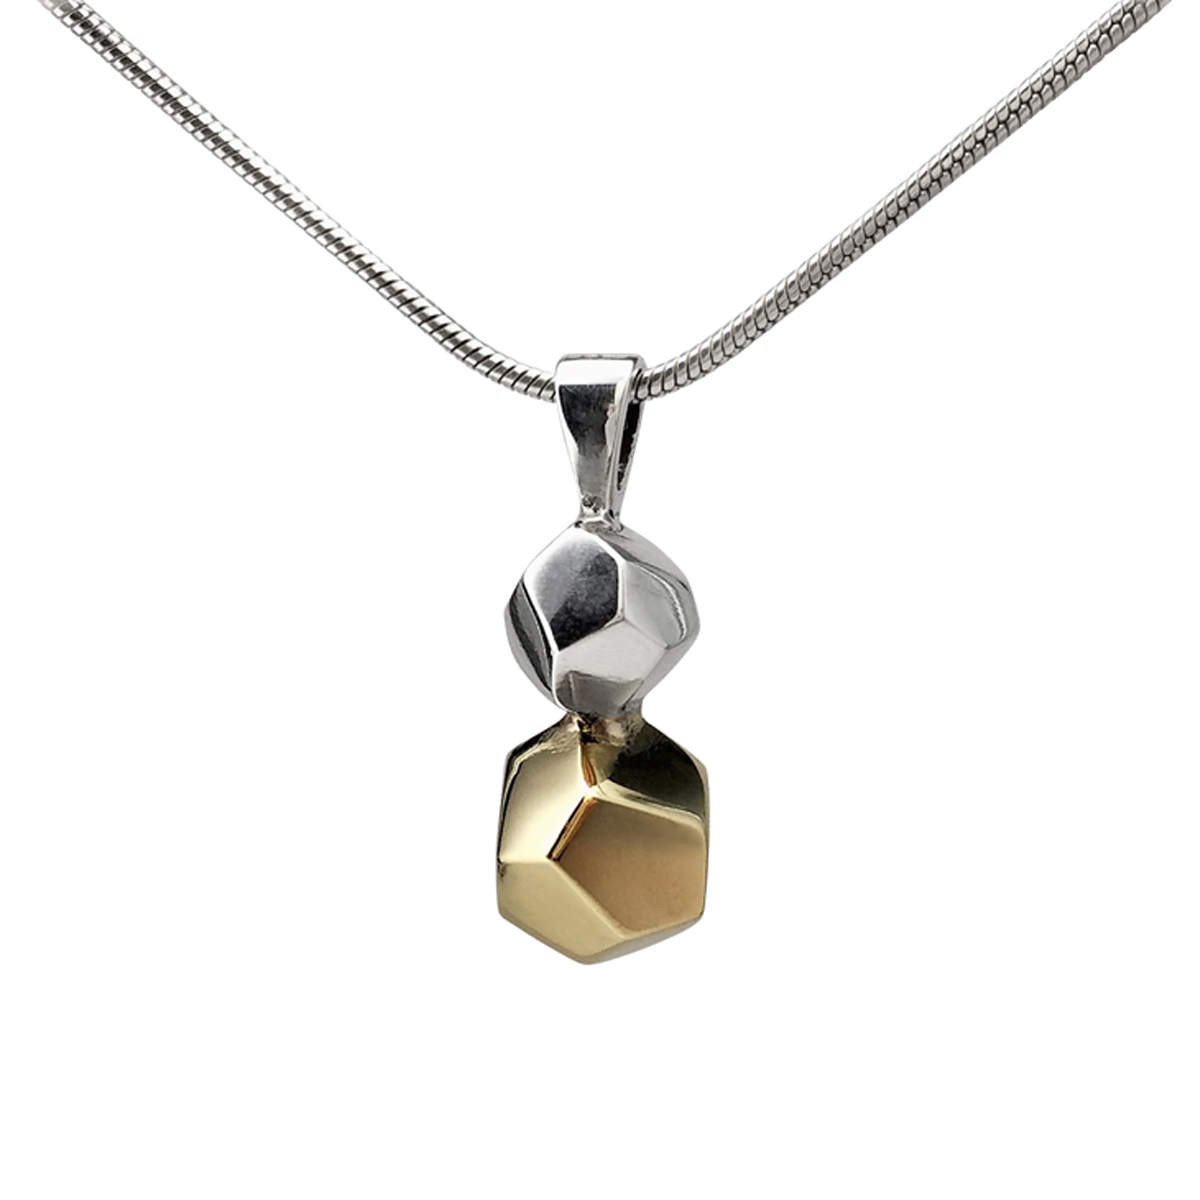 Decca silver and 9ct gold pendant